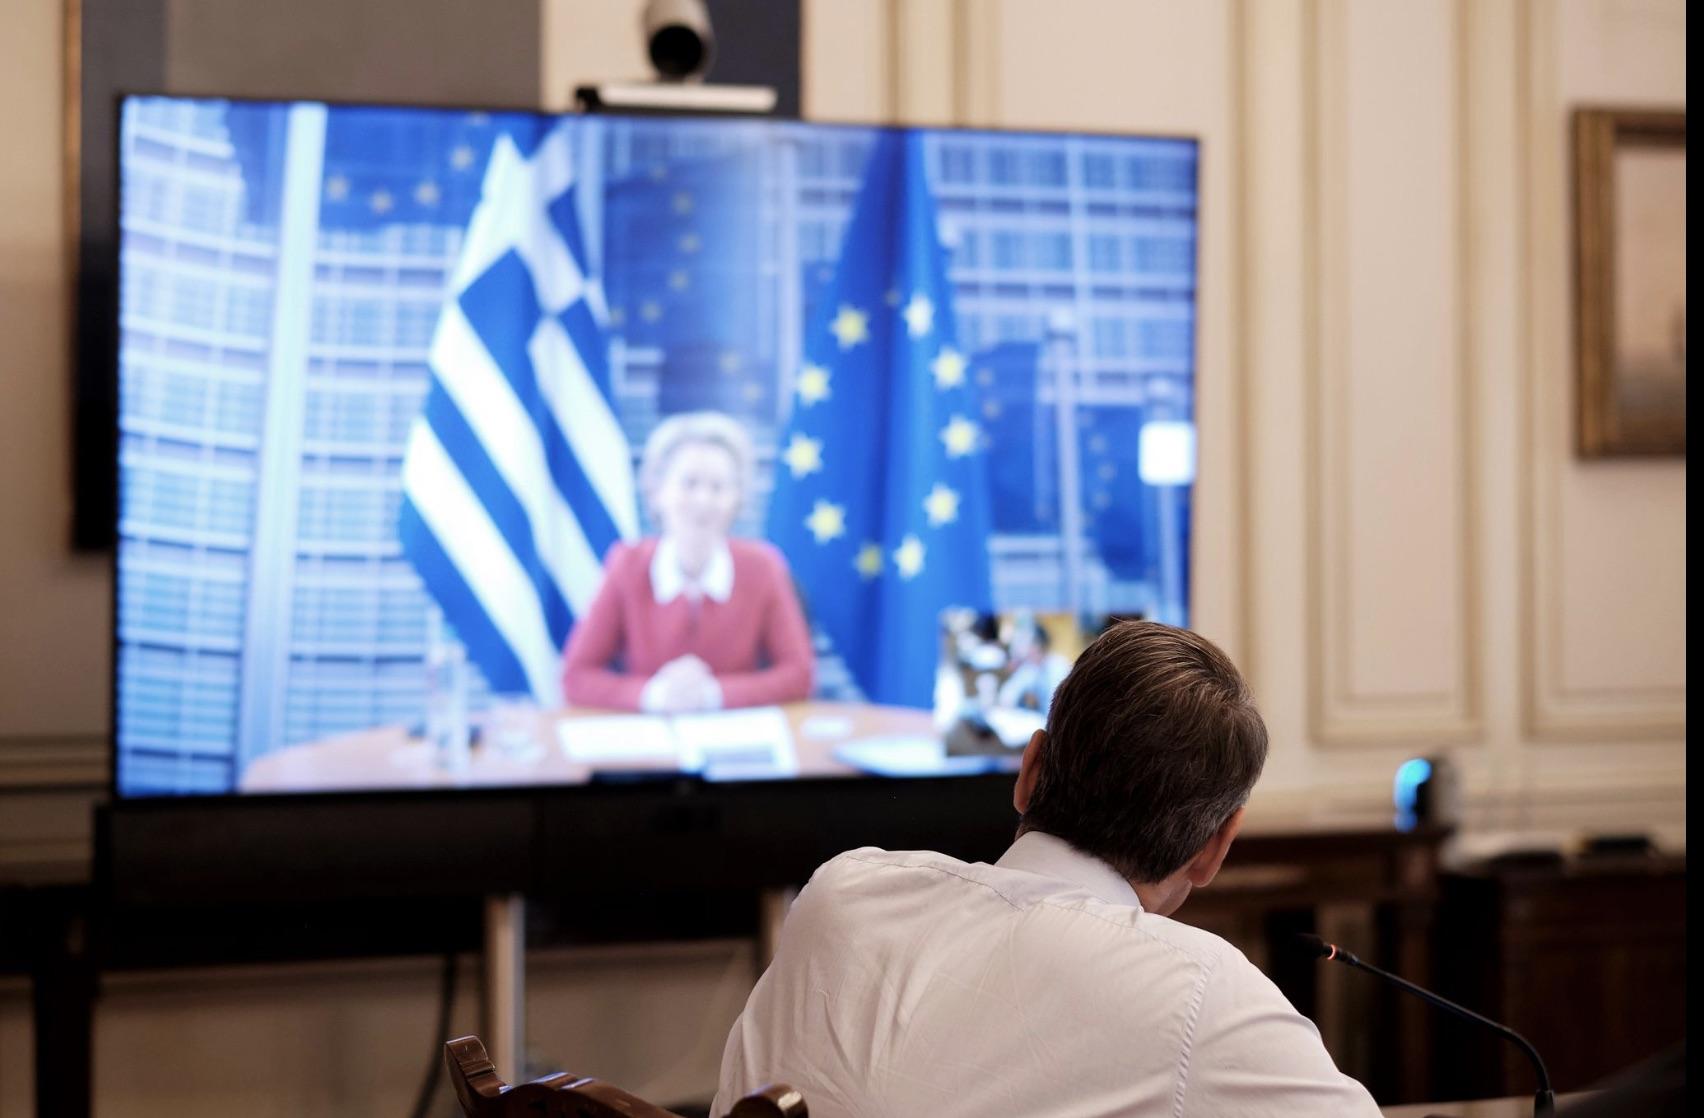 Grčka: Mitsotakis i van der Leyen održali video konferenciju o pitanjima zbeglica/migranata, Fondu za oporavak i Turskoj